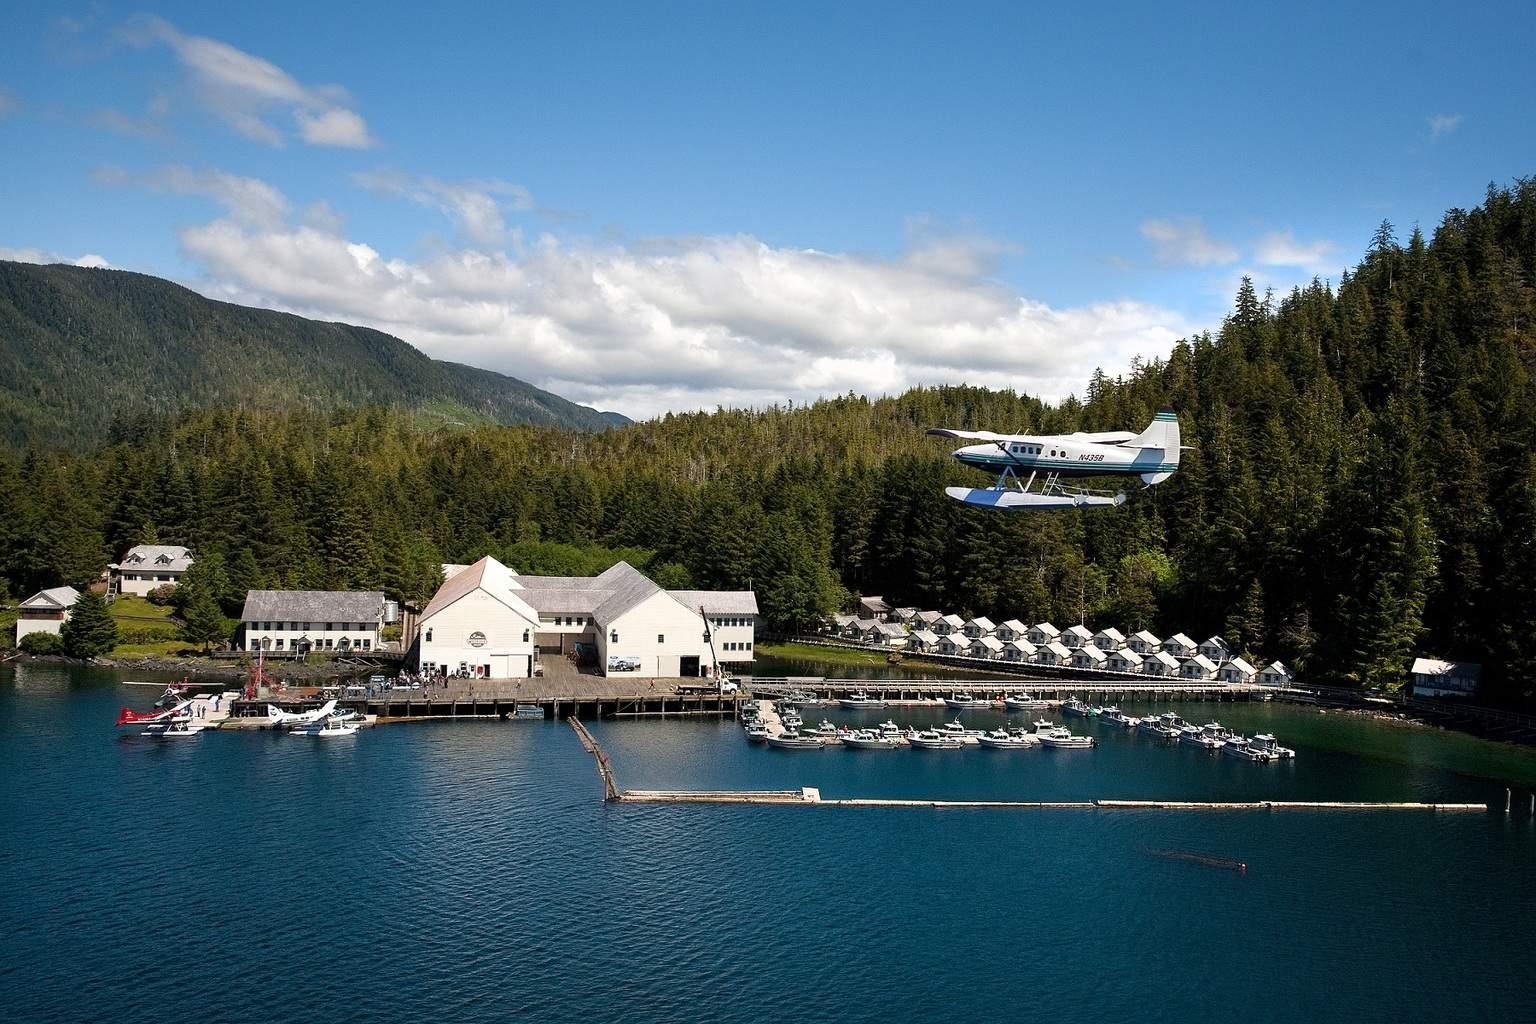 Photo courtesy of Waterfall Resort.